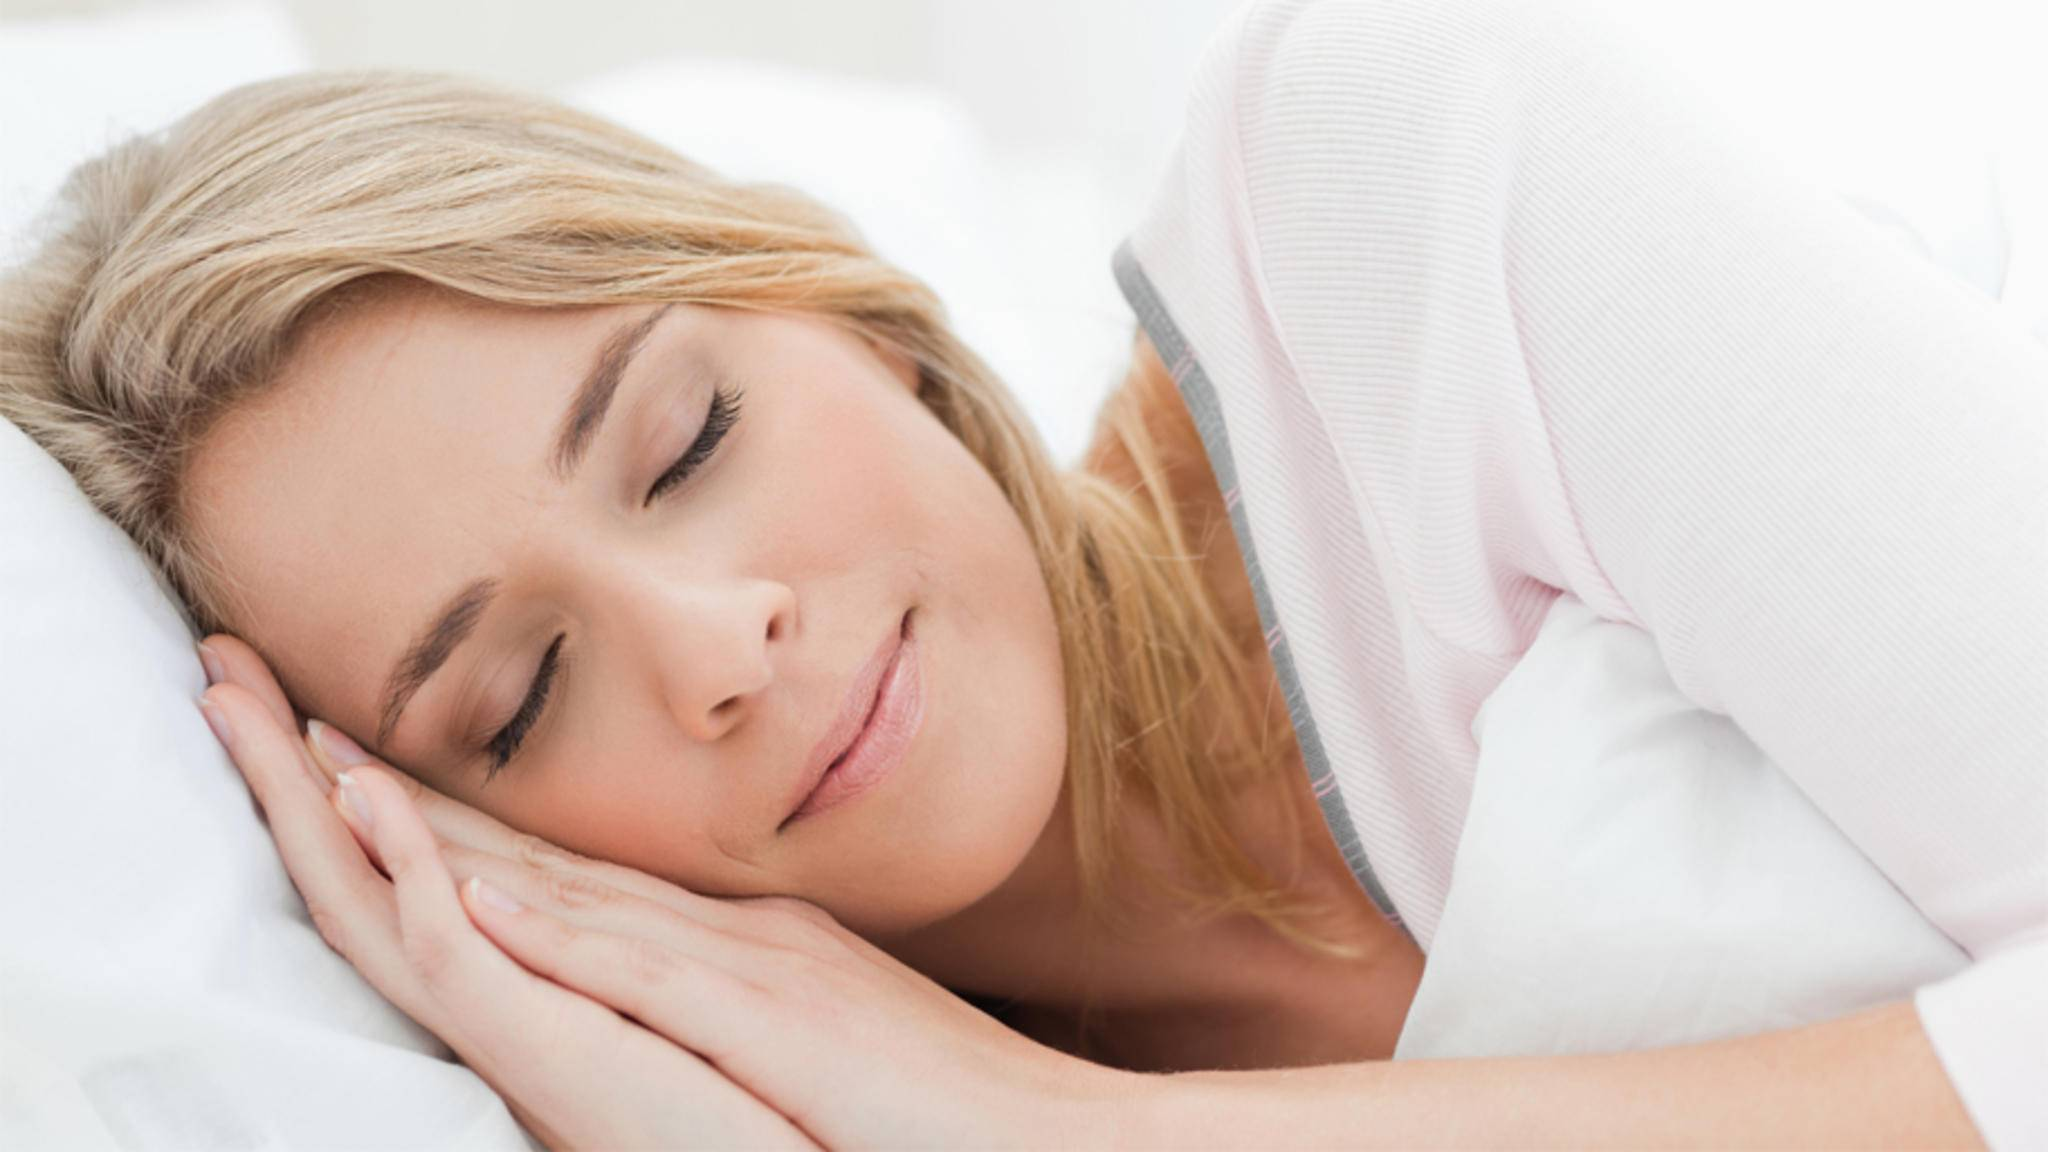 Schlafen ist gesund – Schlafmangel hingegen kann schlimme Folgen haben.